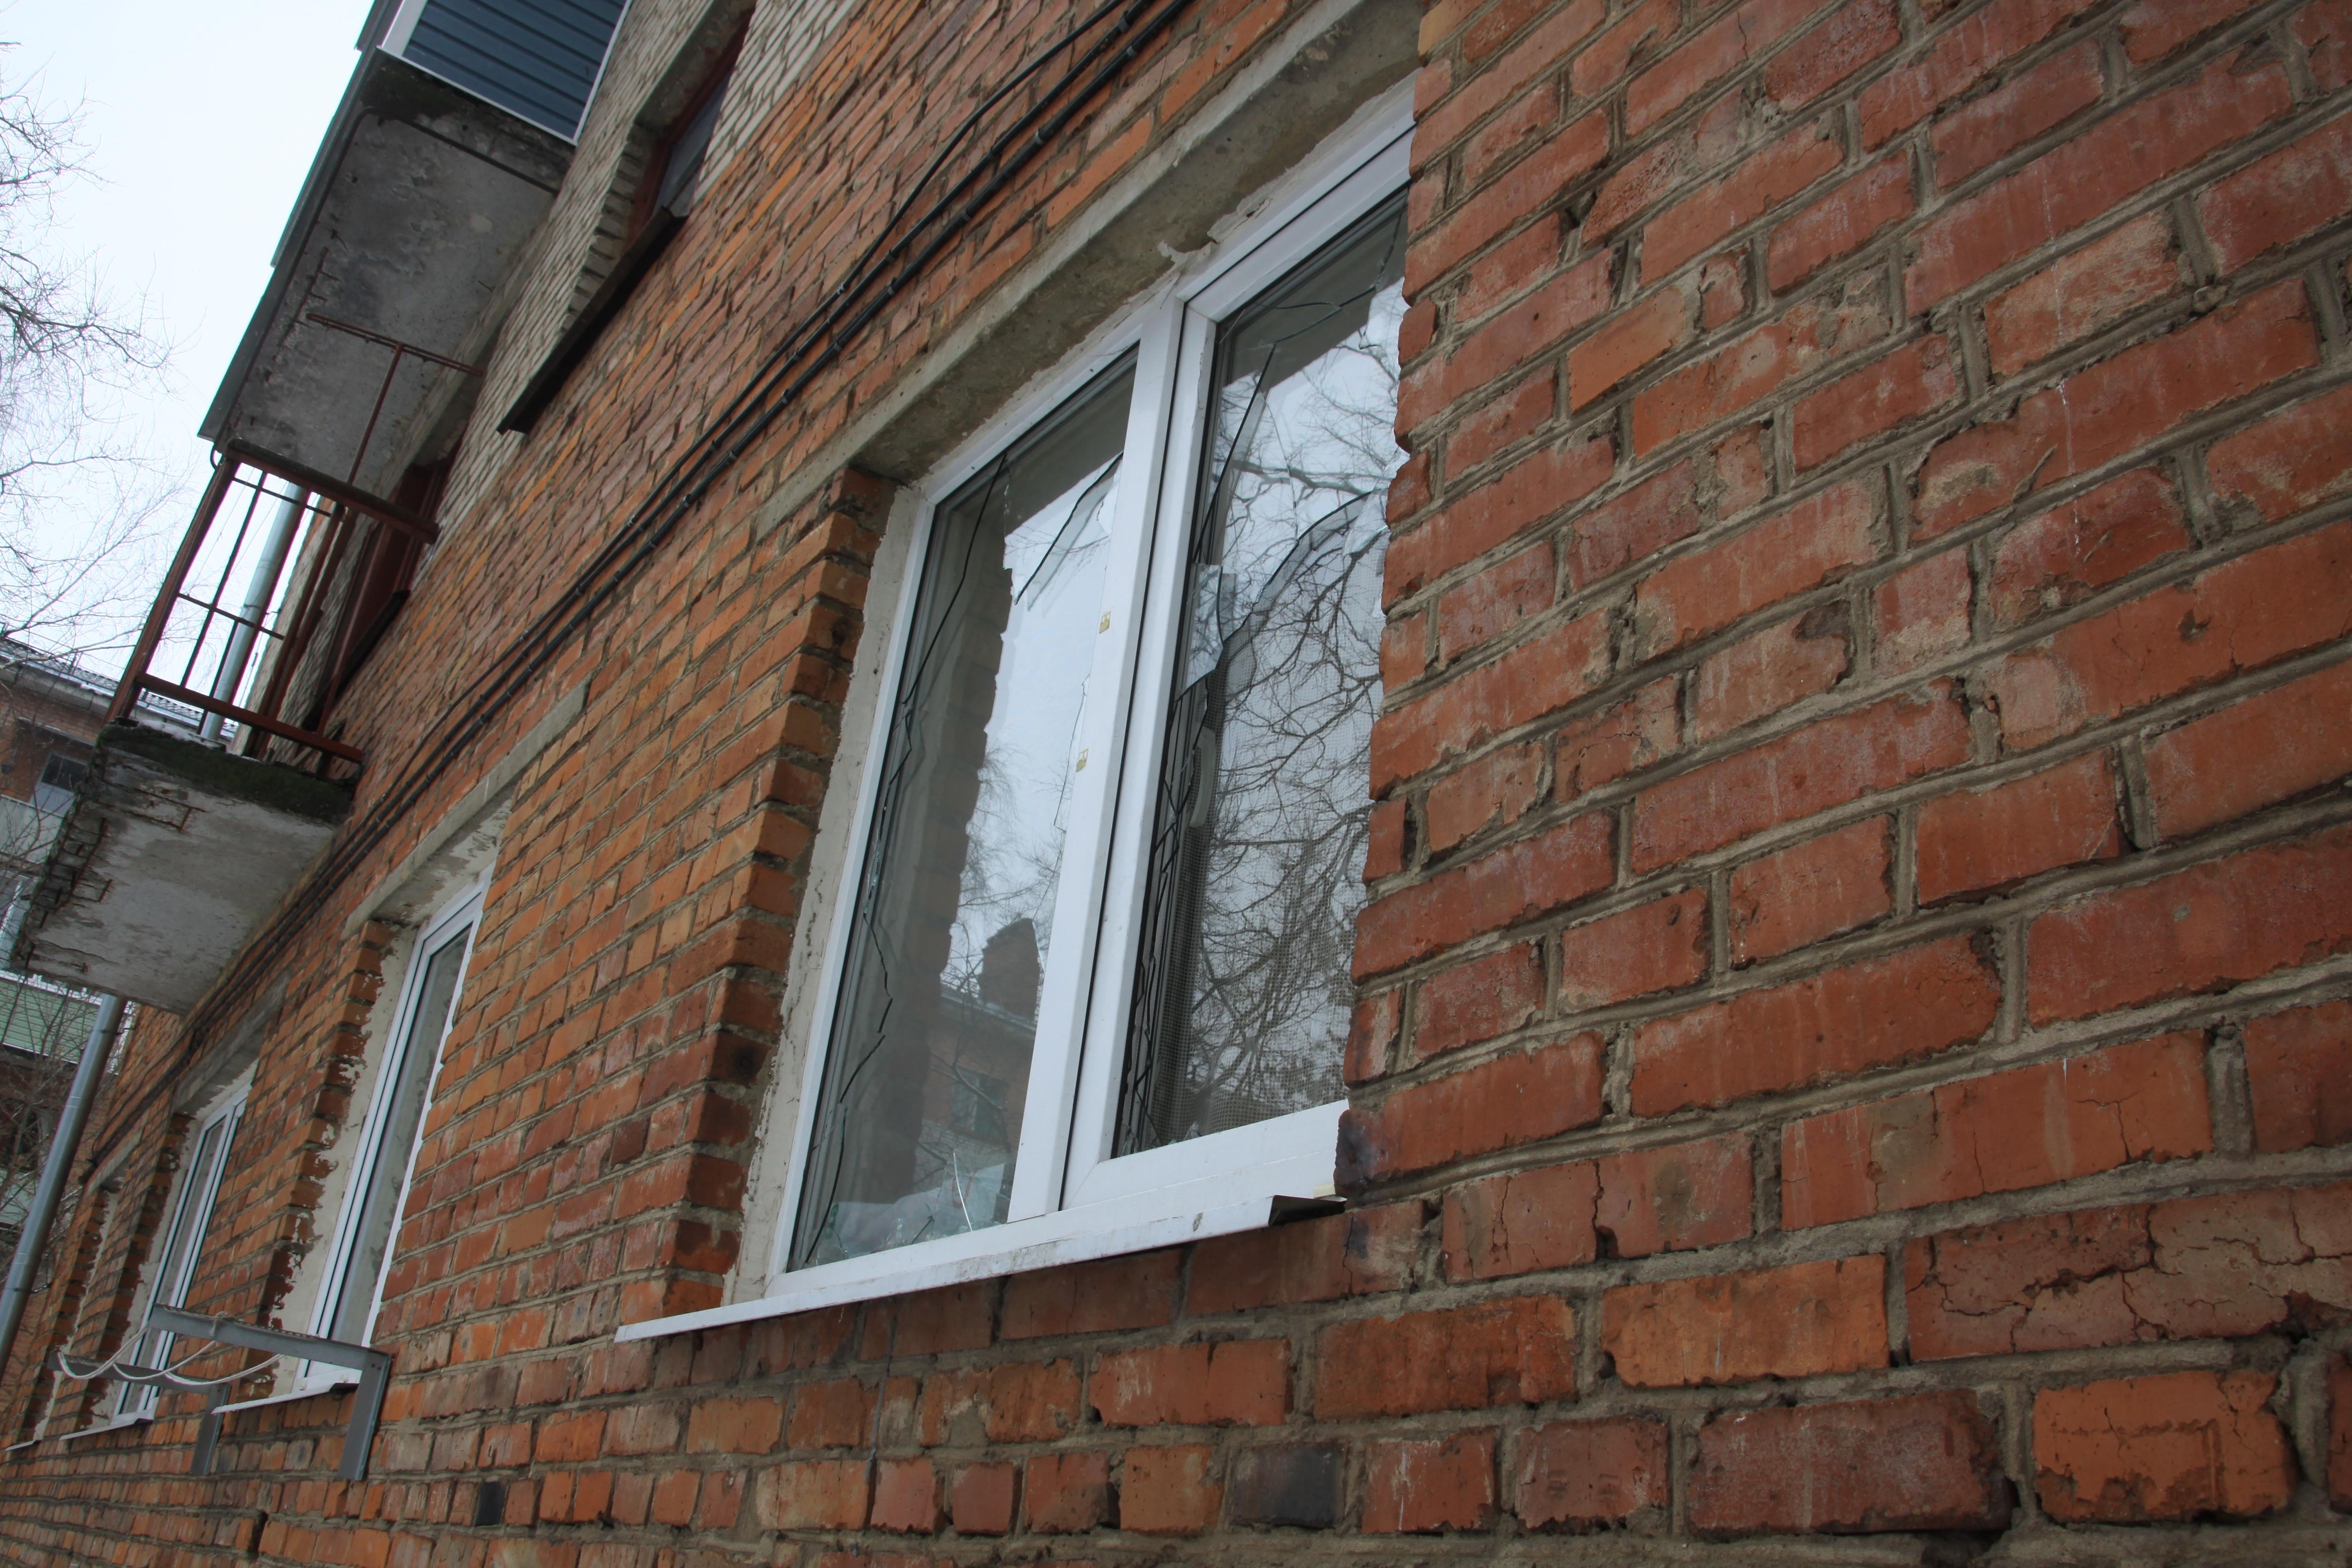 ВоВладимире горожане замуровали окно вквартире эксгибициониста